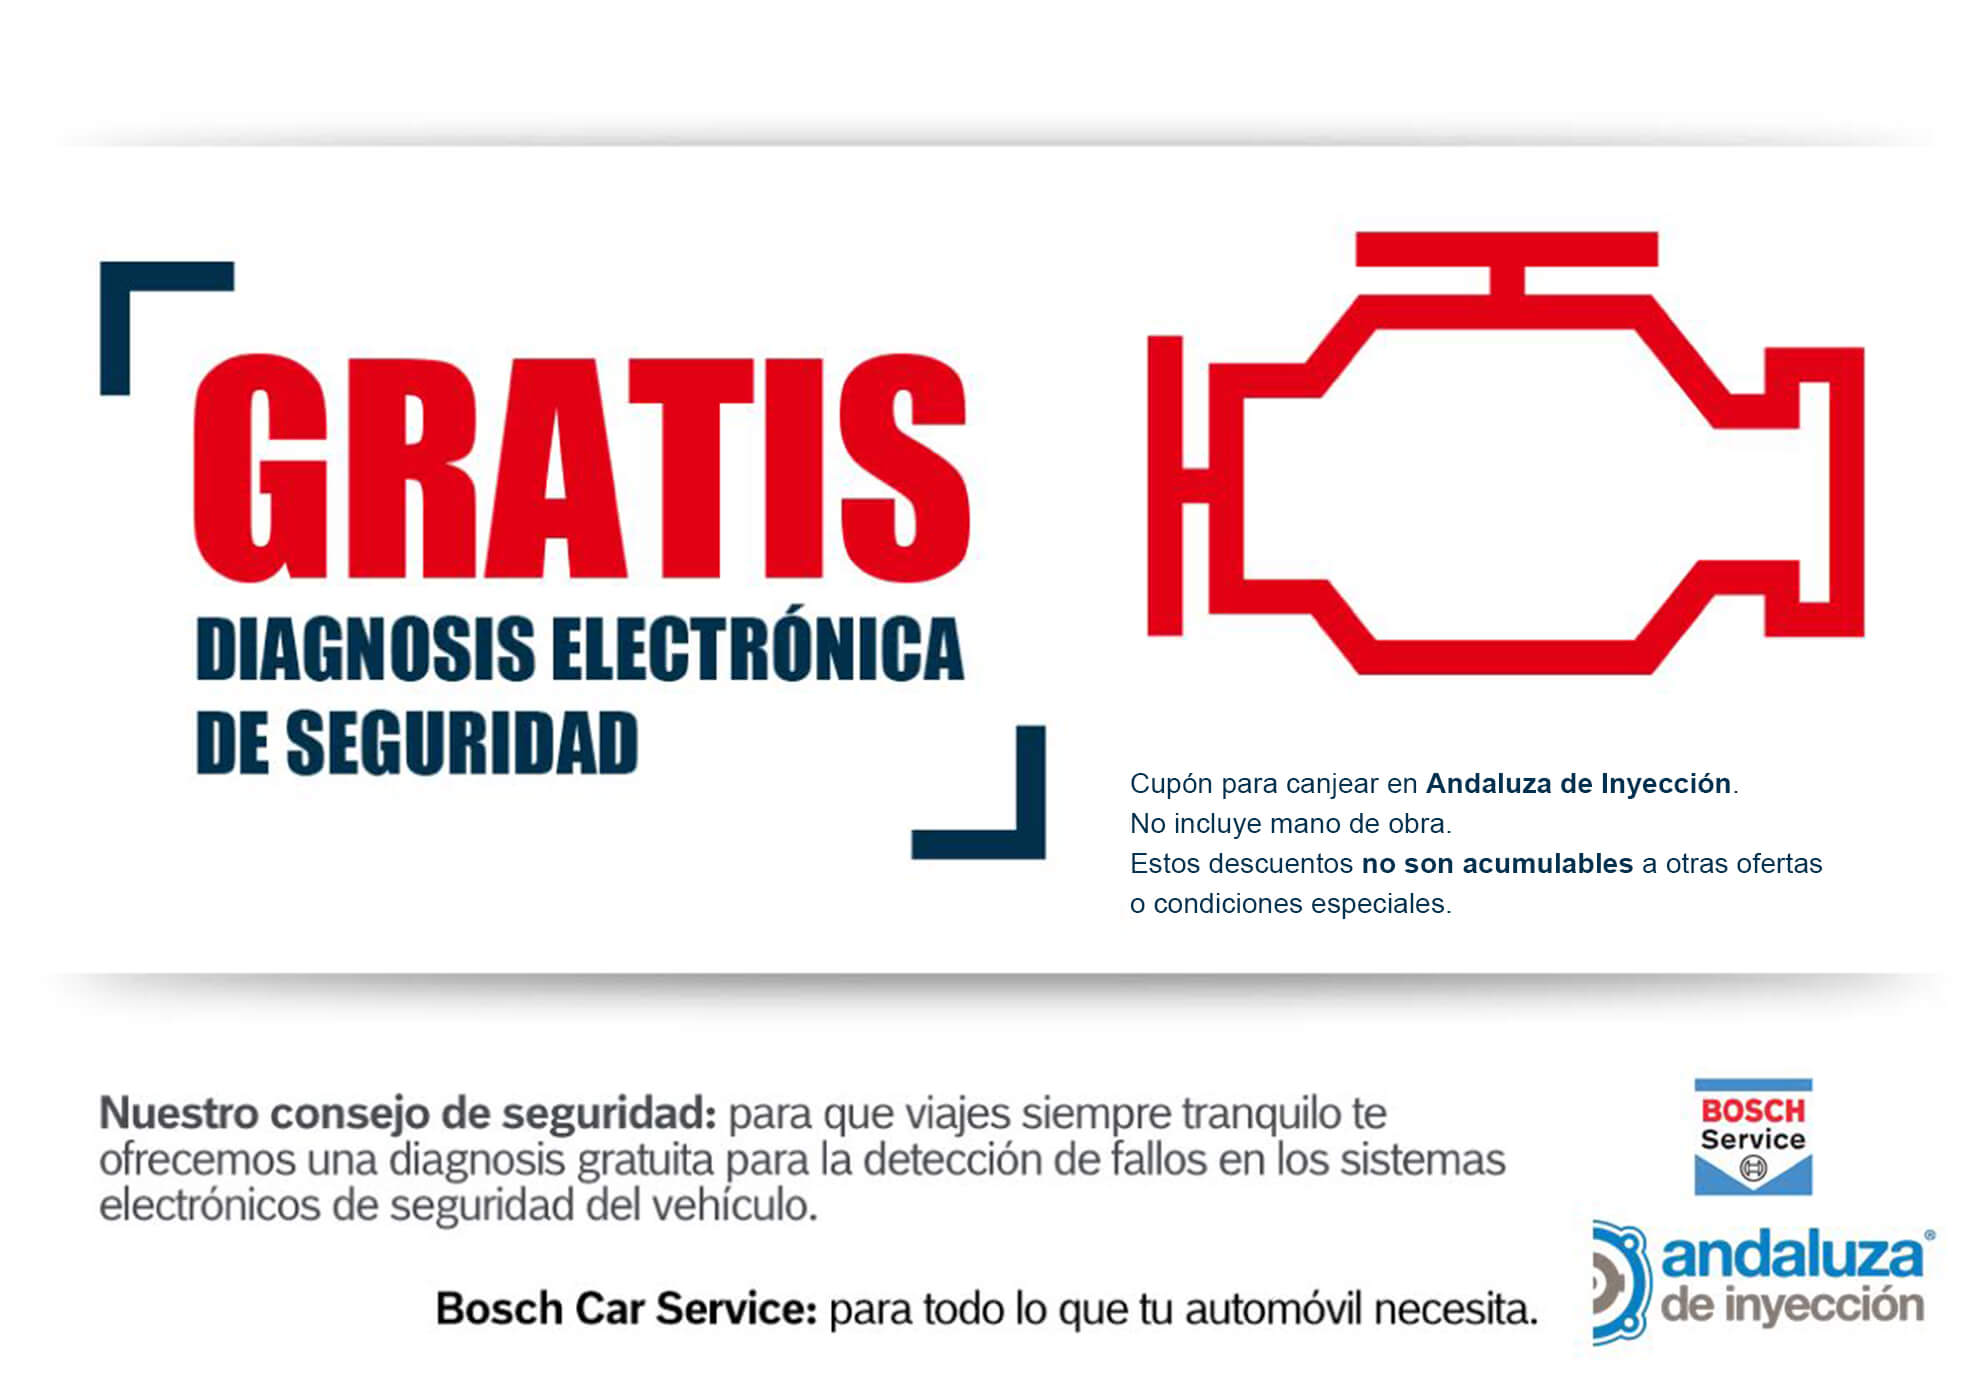 ¡Diagnosis Electrónica de seguridad Gratis!